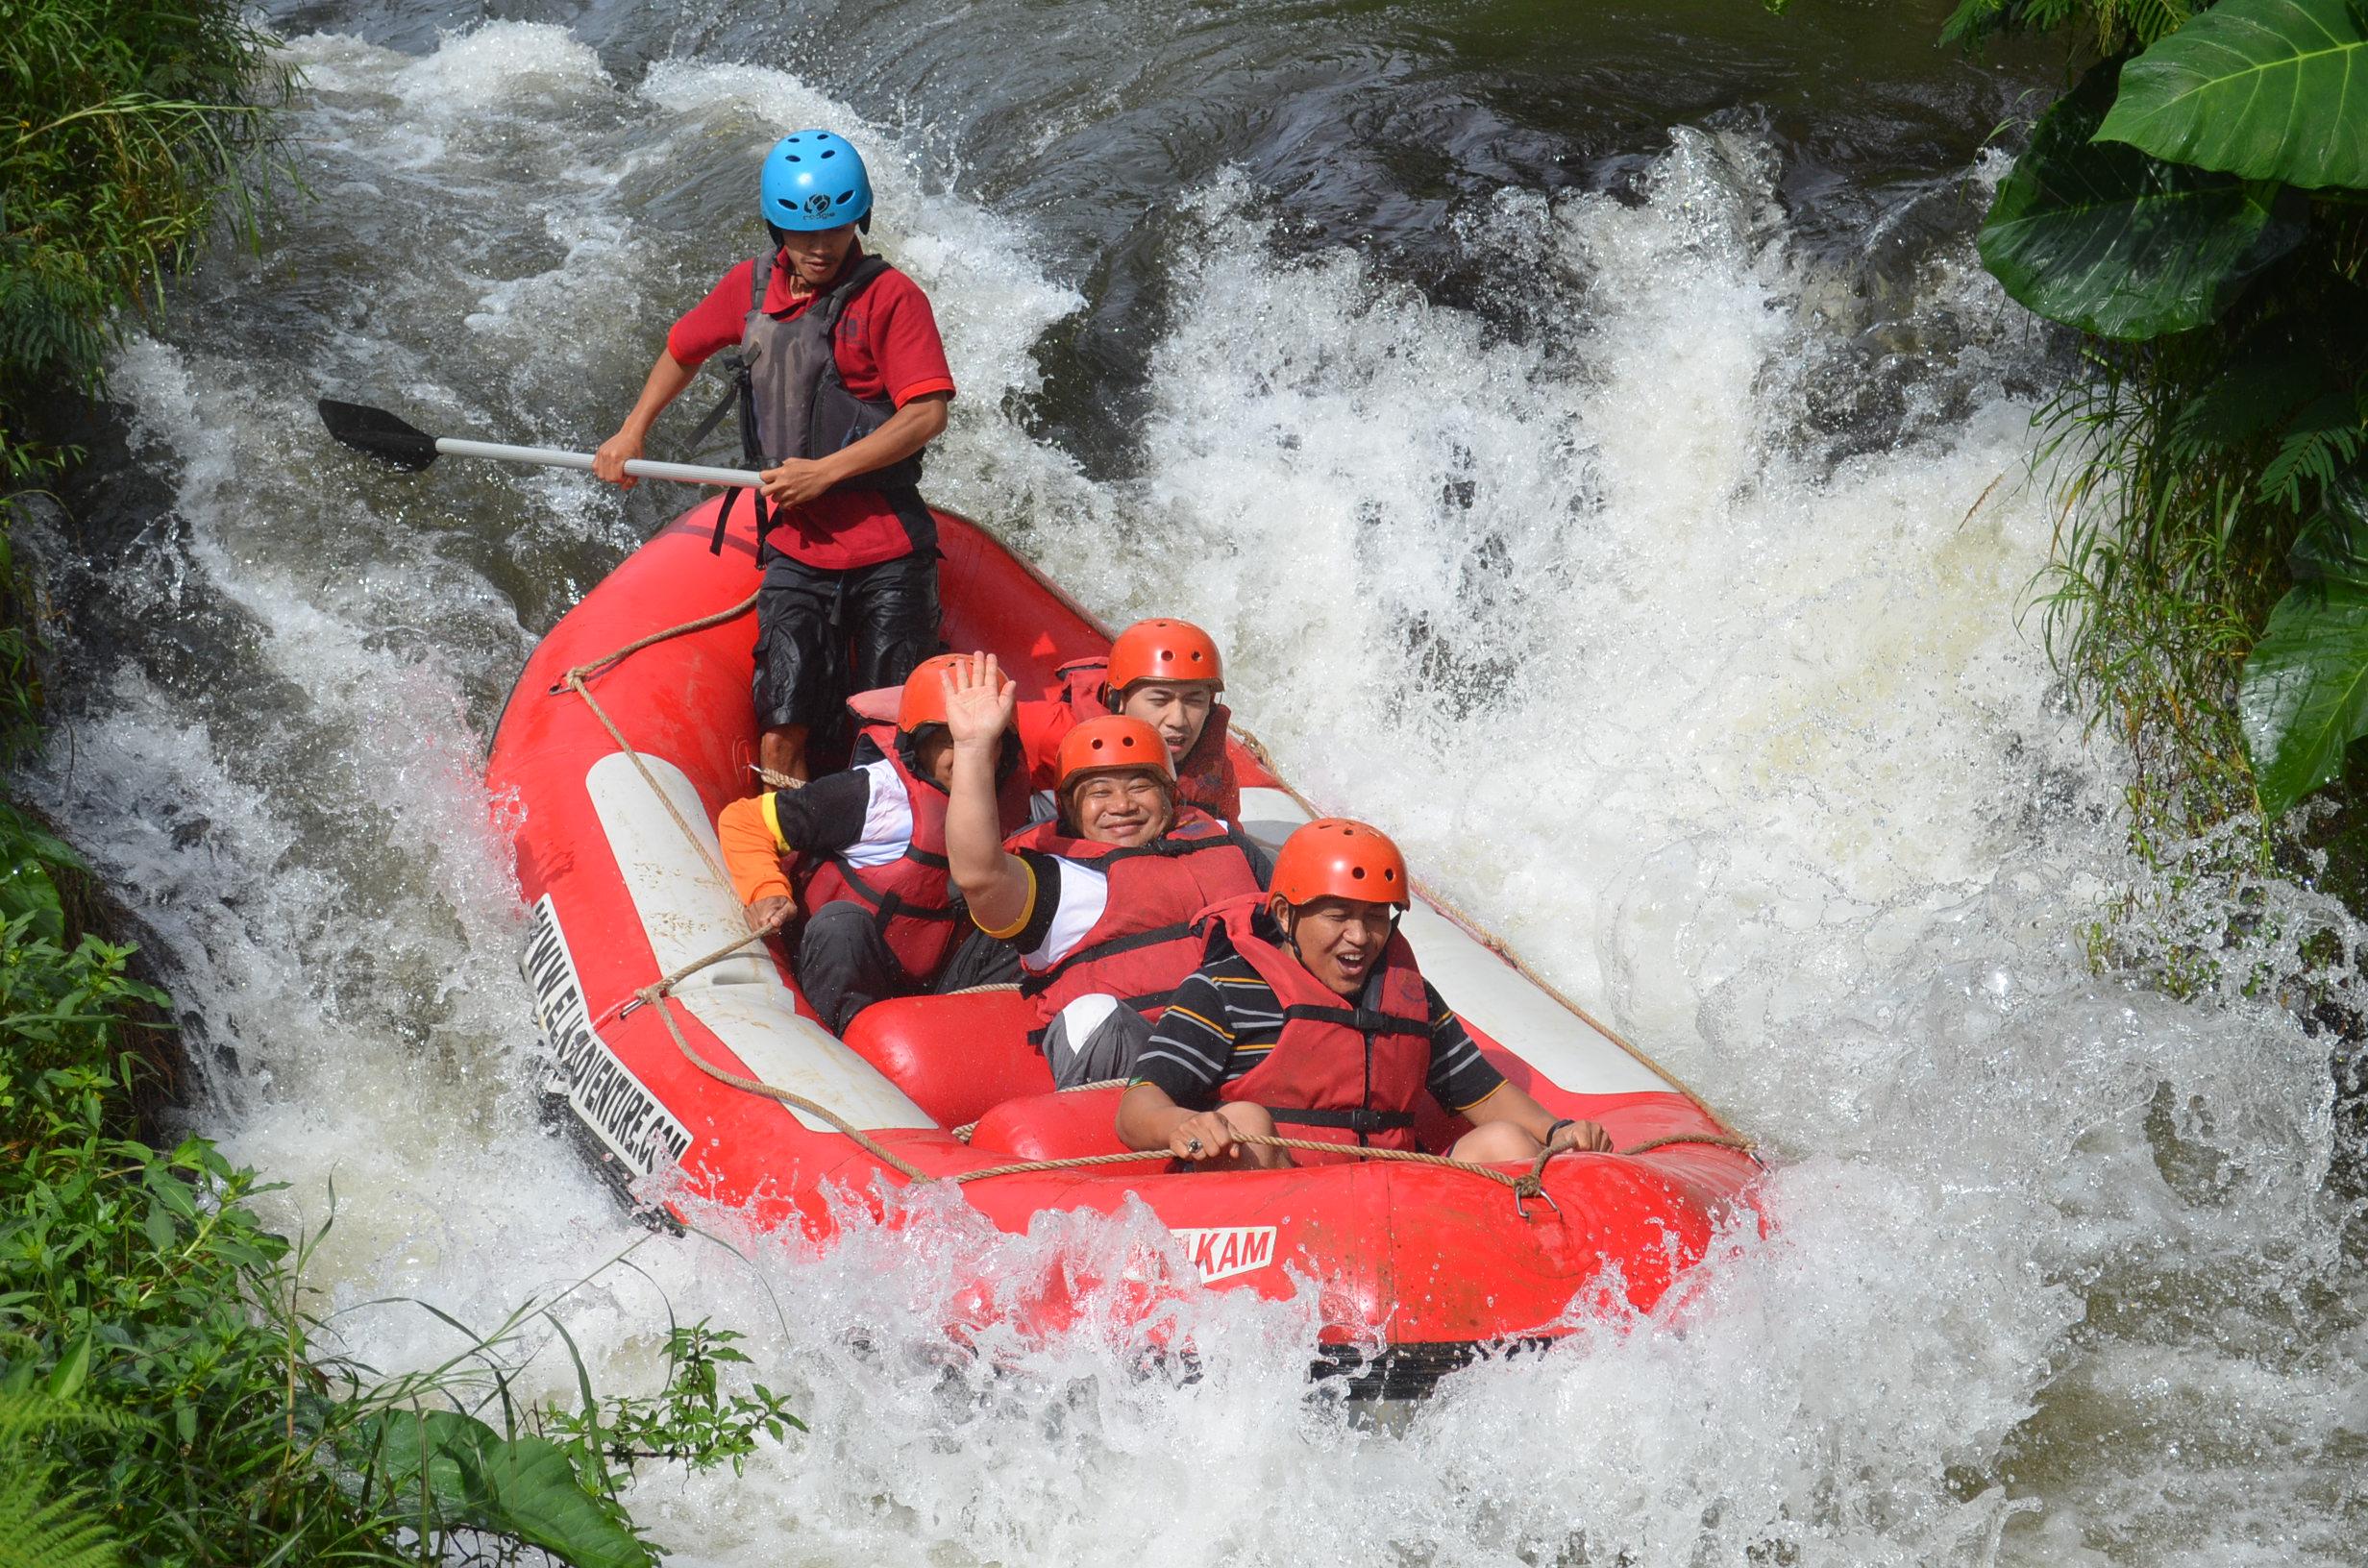 Wahana-Wisata-Rafting-Pangalengan-Bandung-Selatan-21